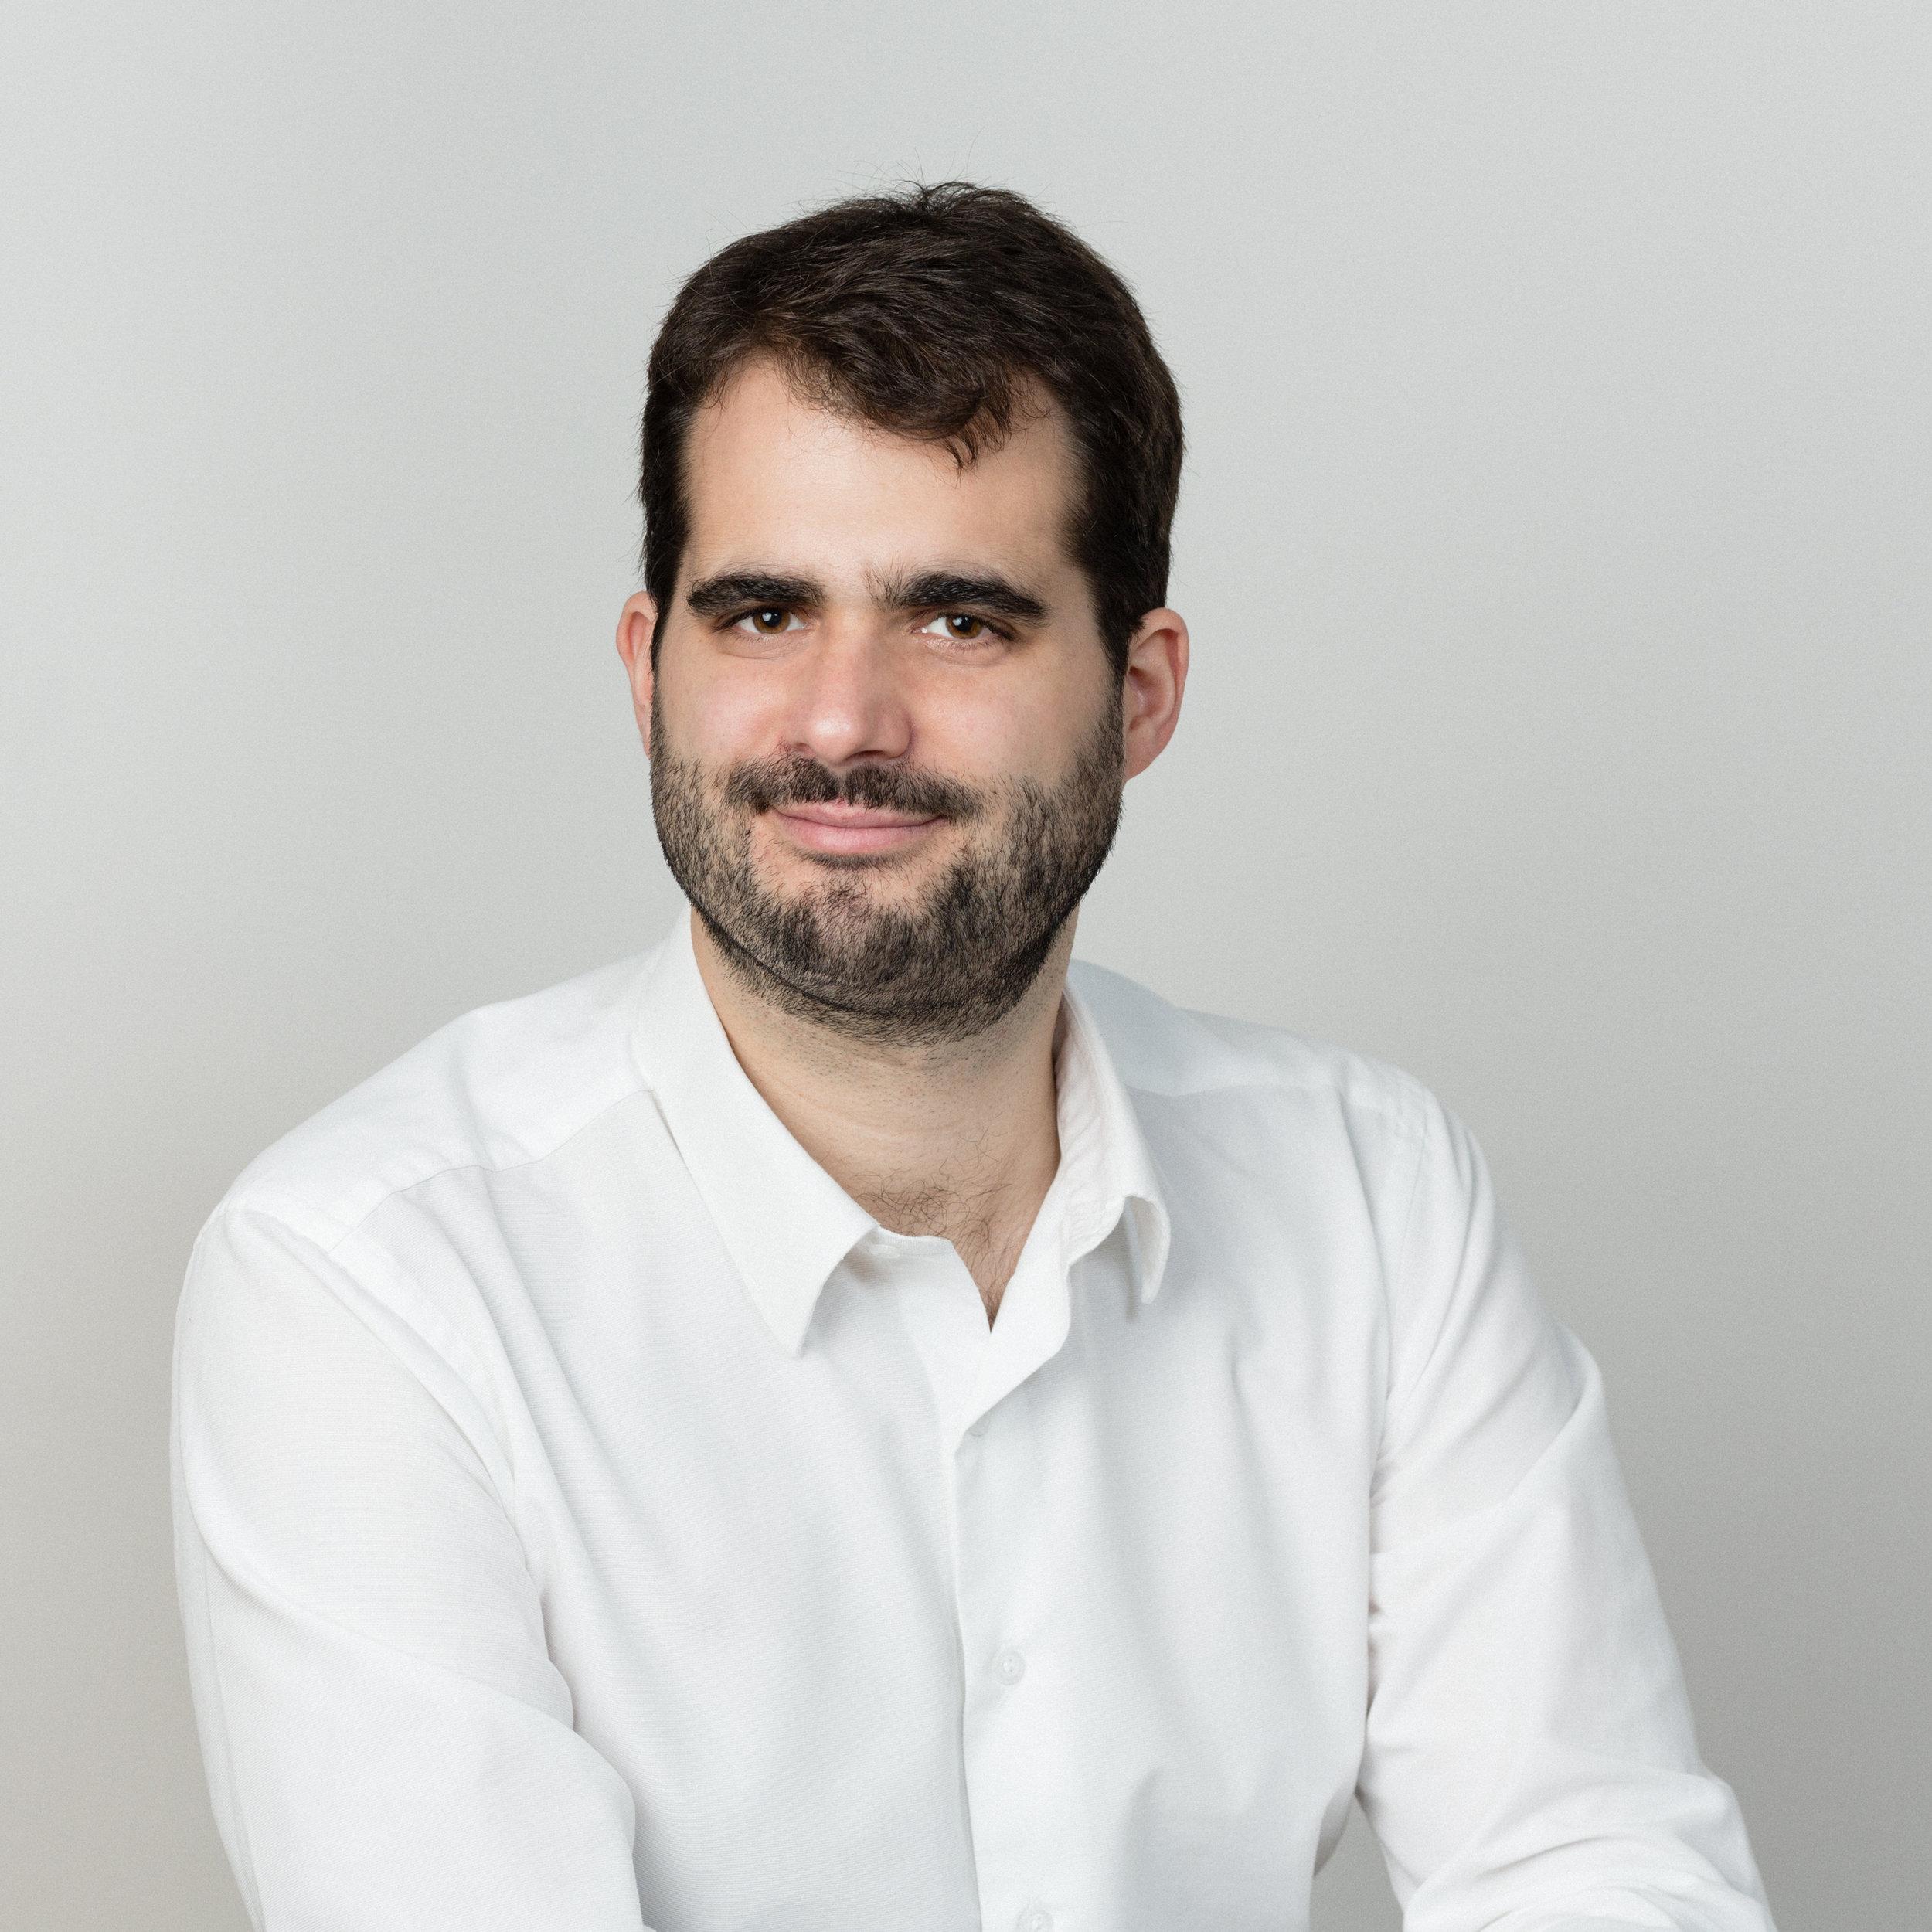 Jean-Francois Morizur